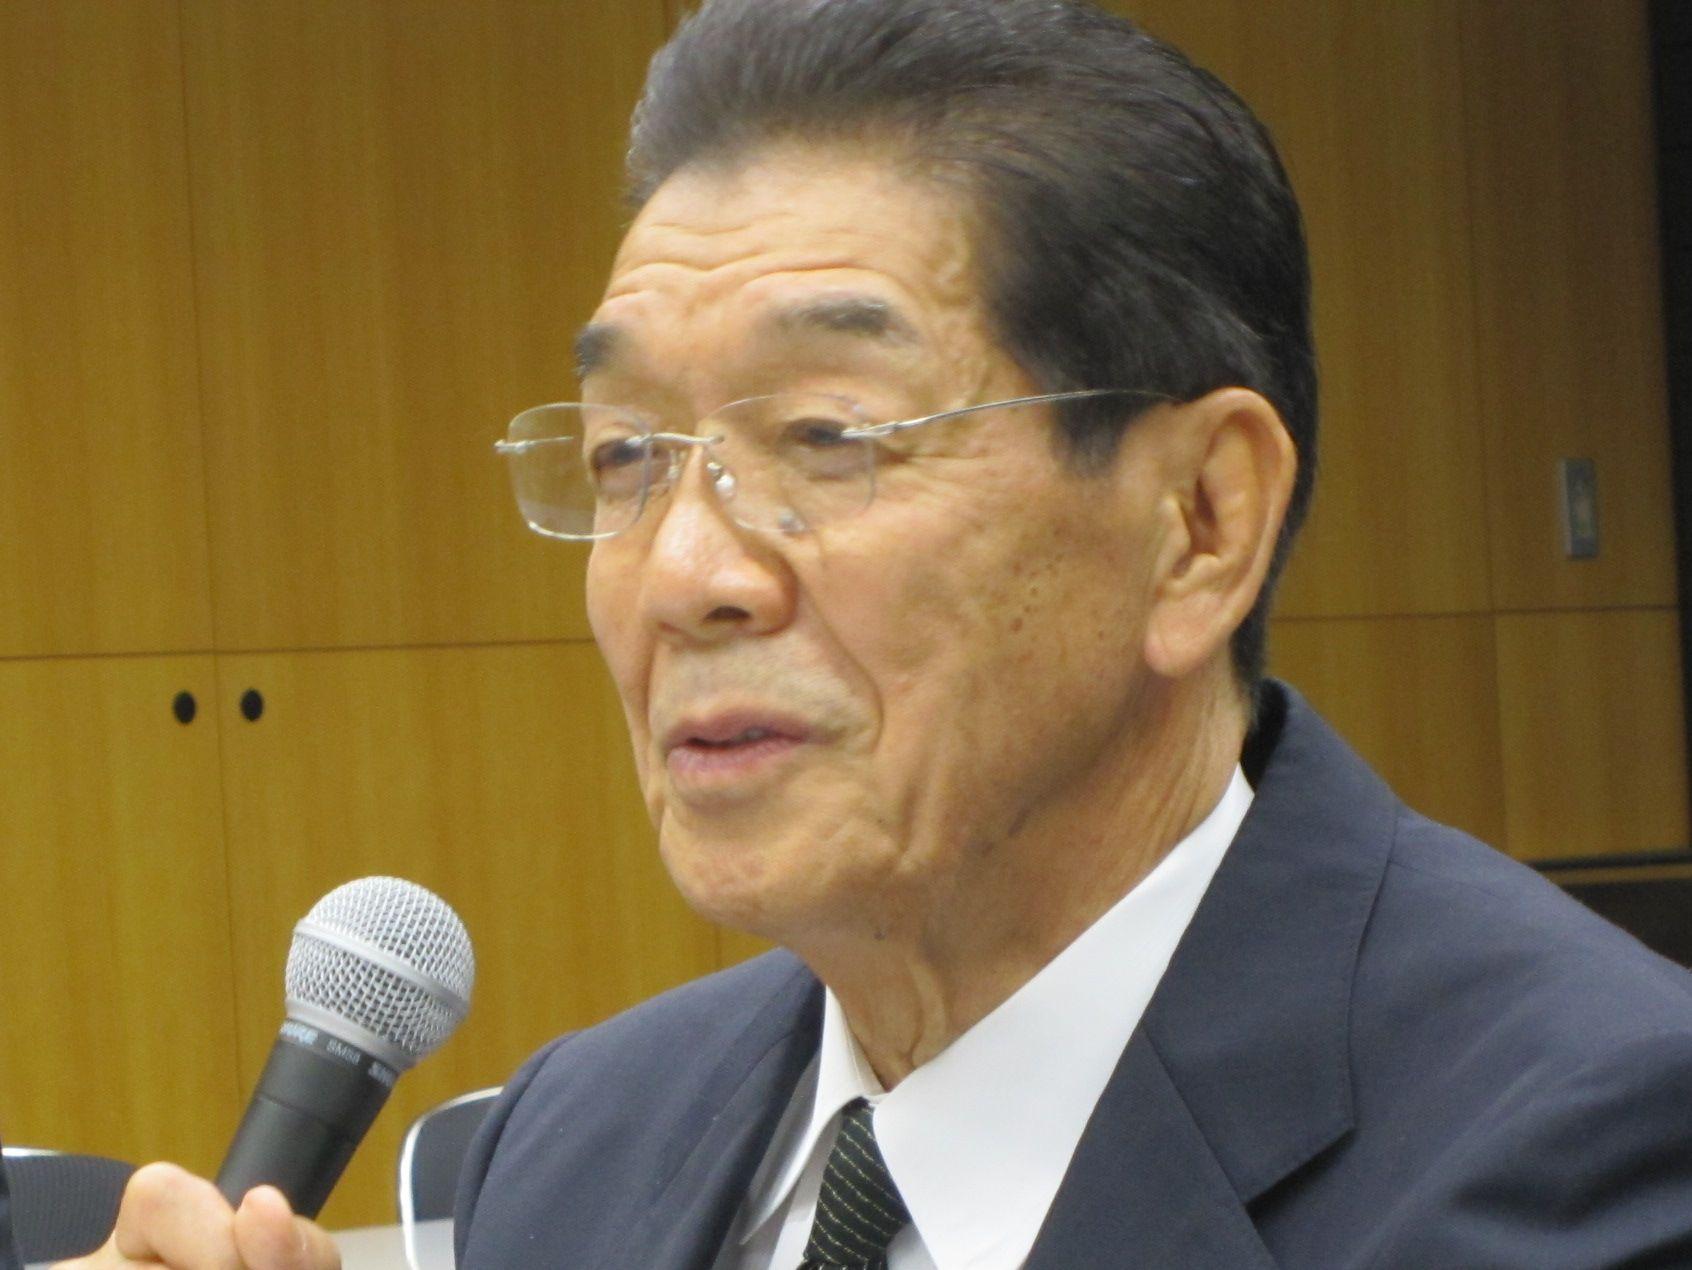 7月4日の理事会終了後、初の記者会見を行った日本専門医機構の吉村博邦新理事長(地域医療振興協会顧問、北里大学名誉教授)